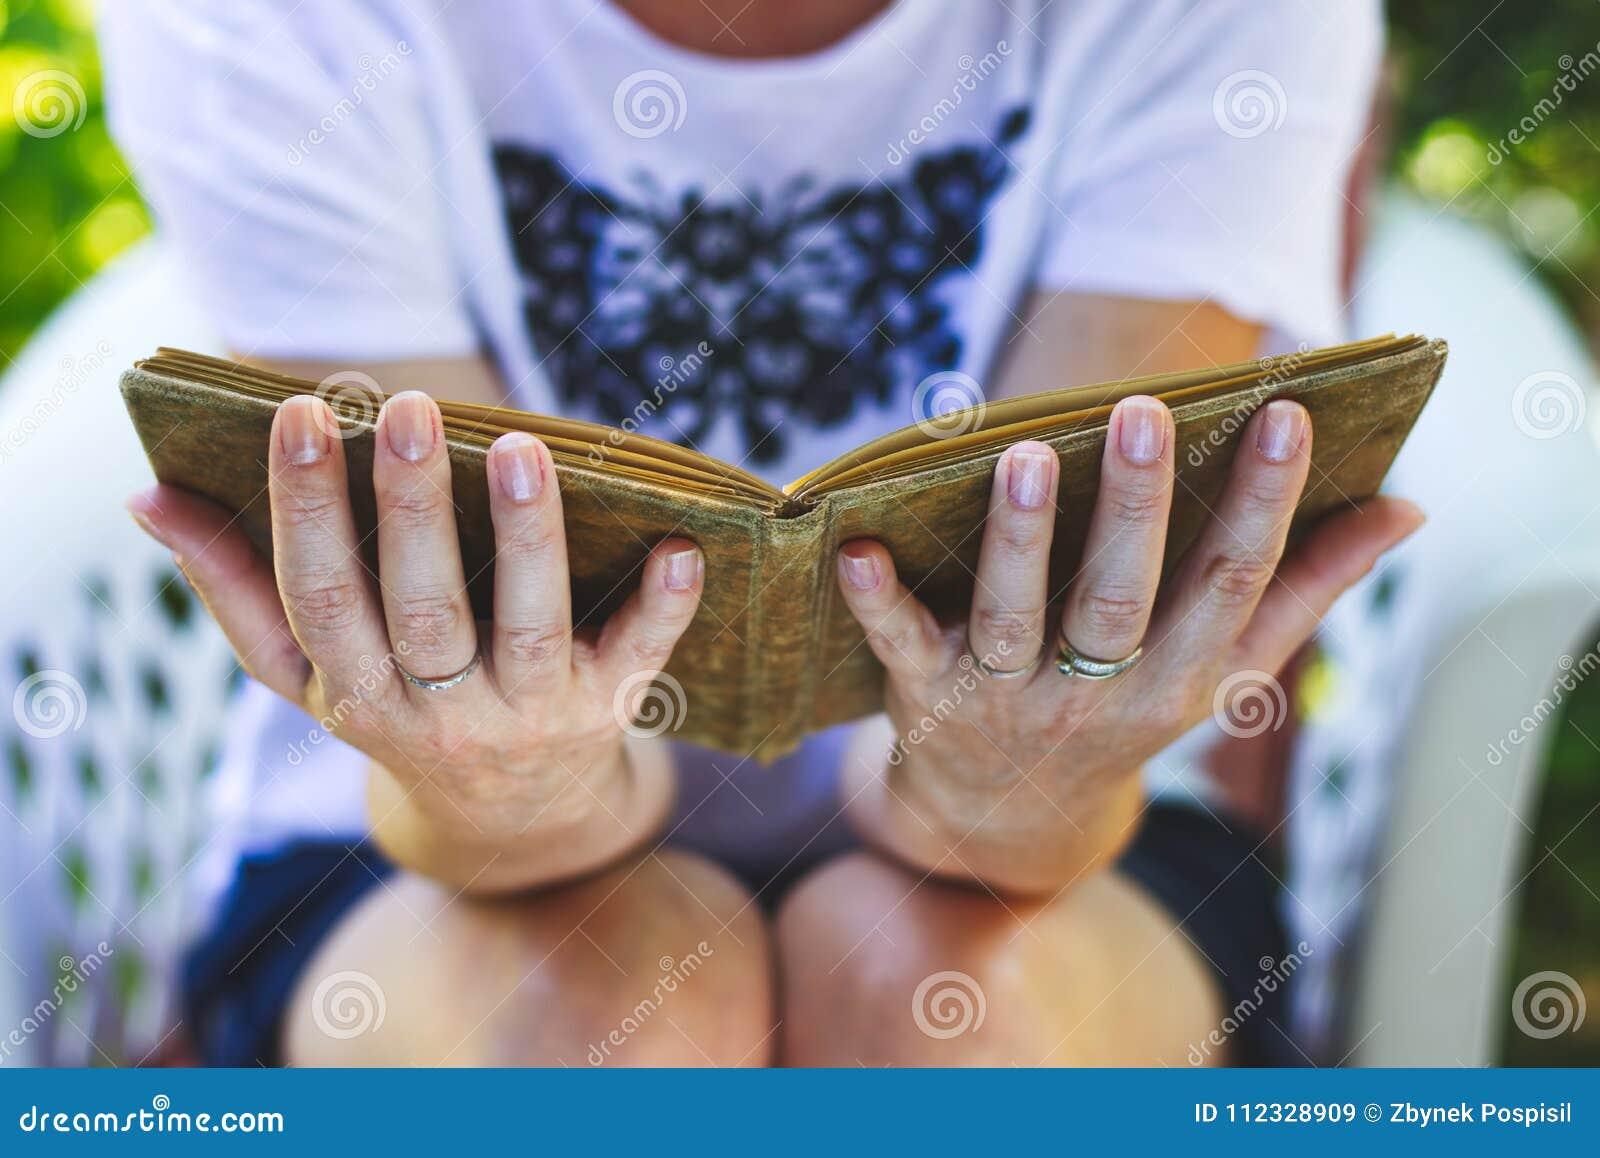 De vrouw zit als voorzitter en leest een oud boek